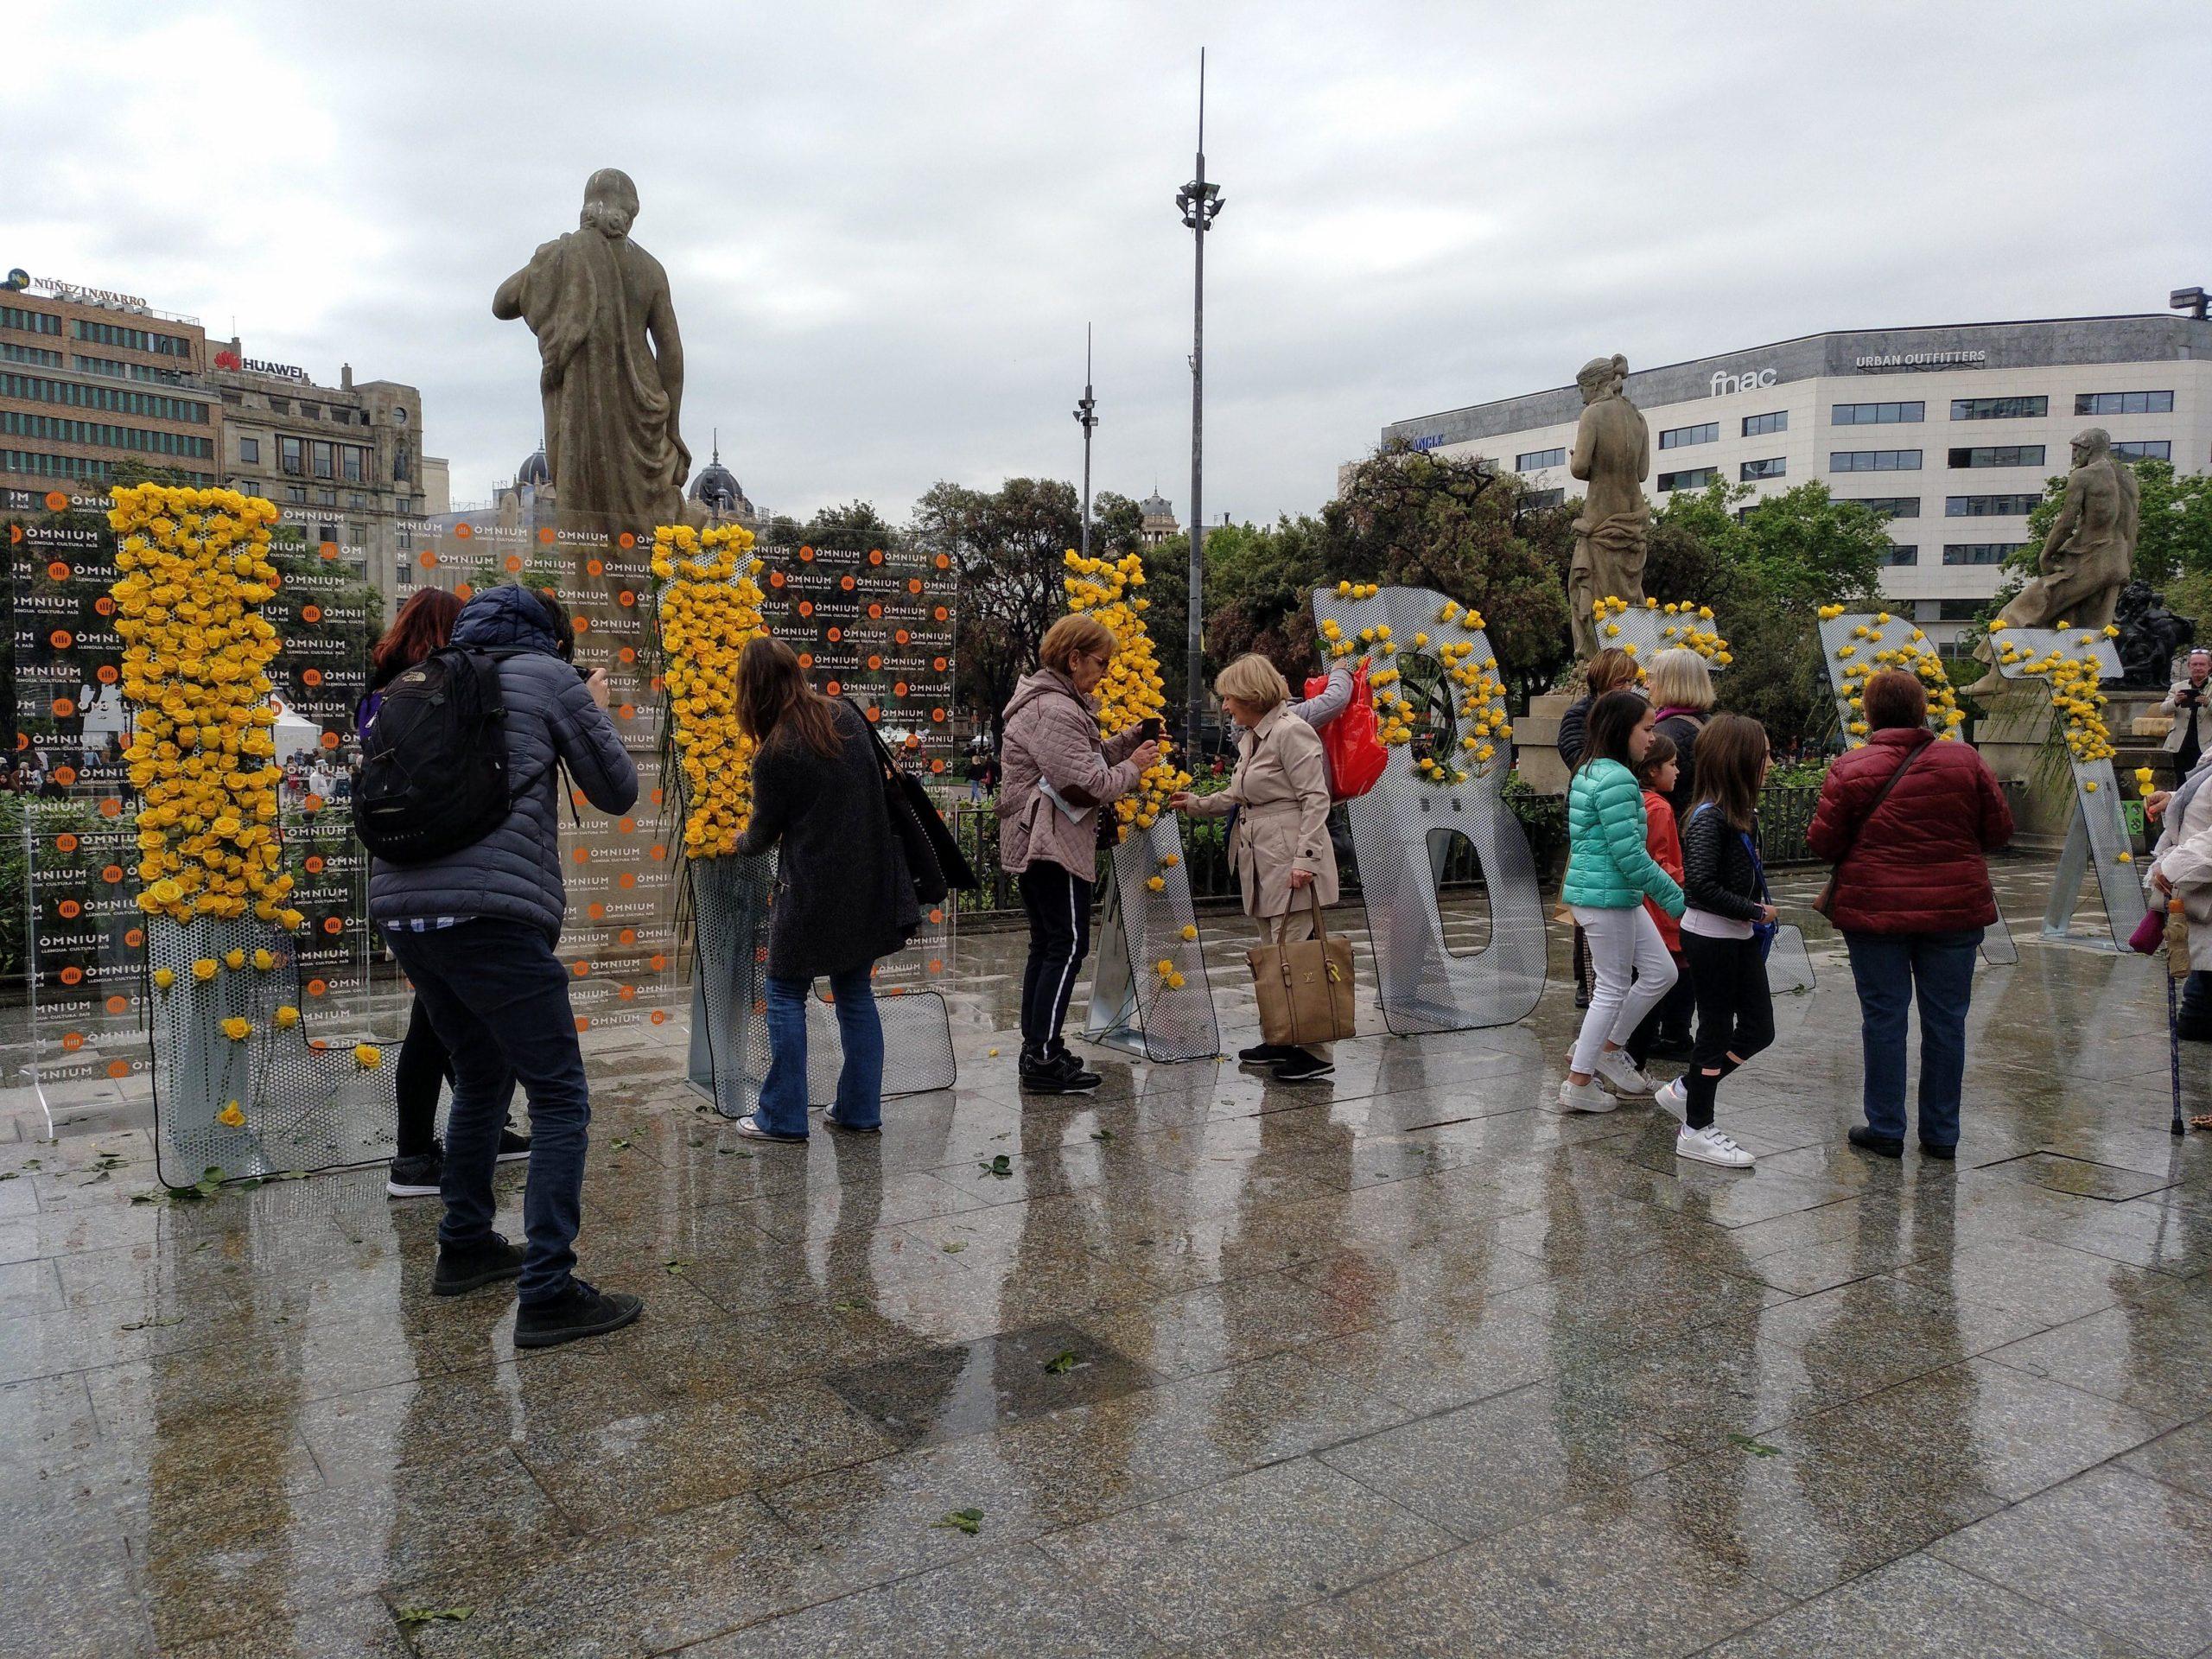 Instal·lació d'Òmnium Cultural a plaça Catalunya, amb roses grogues / MMP